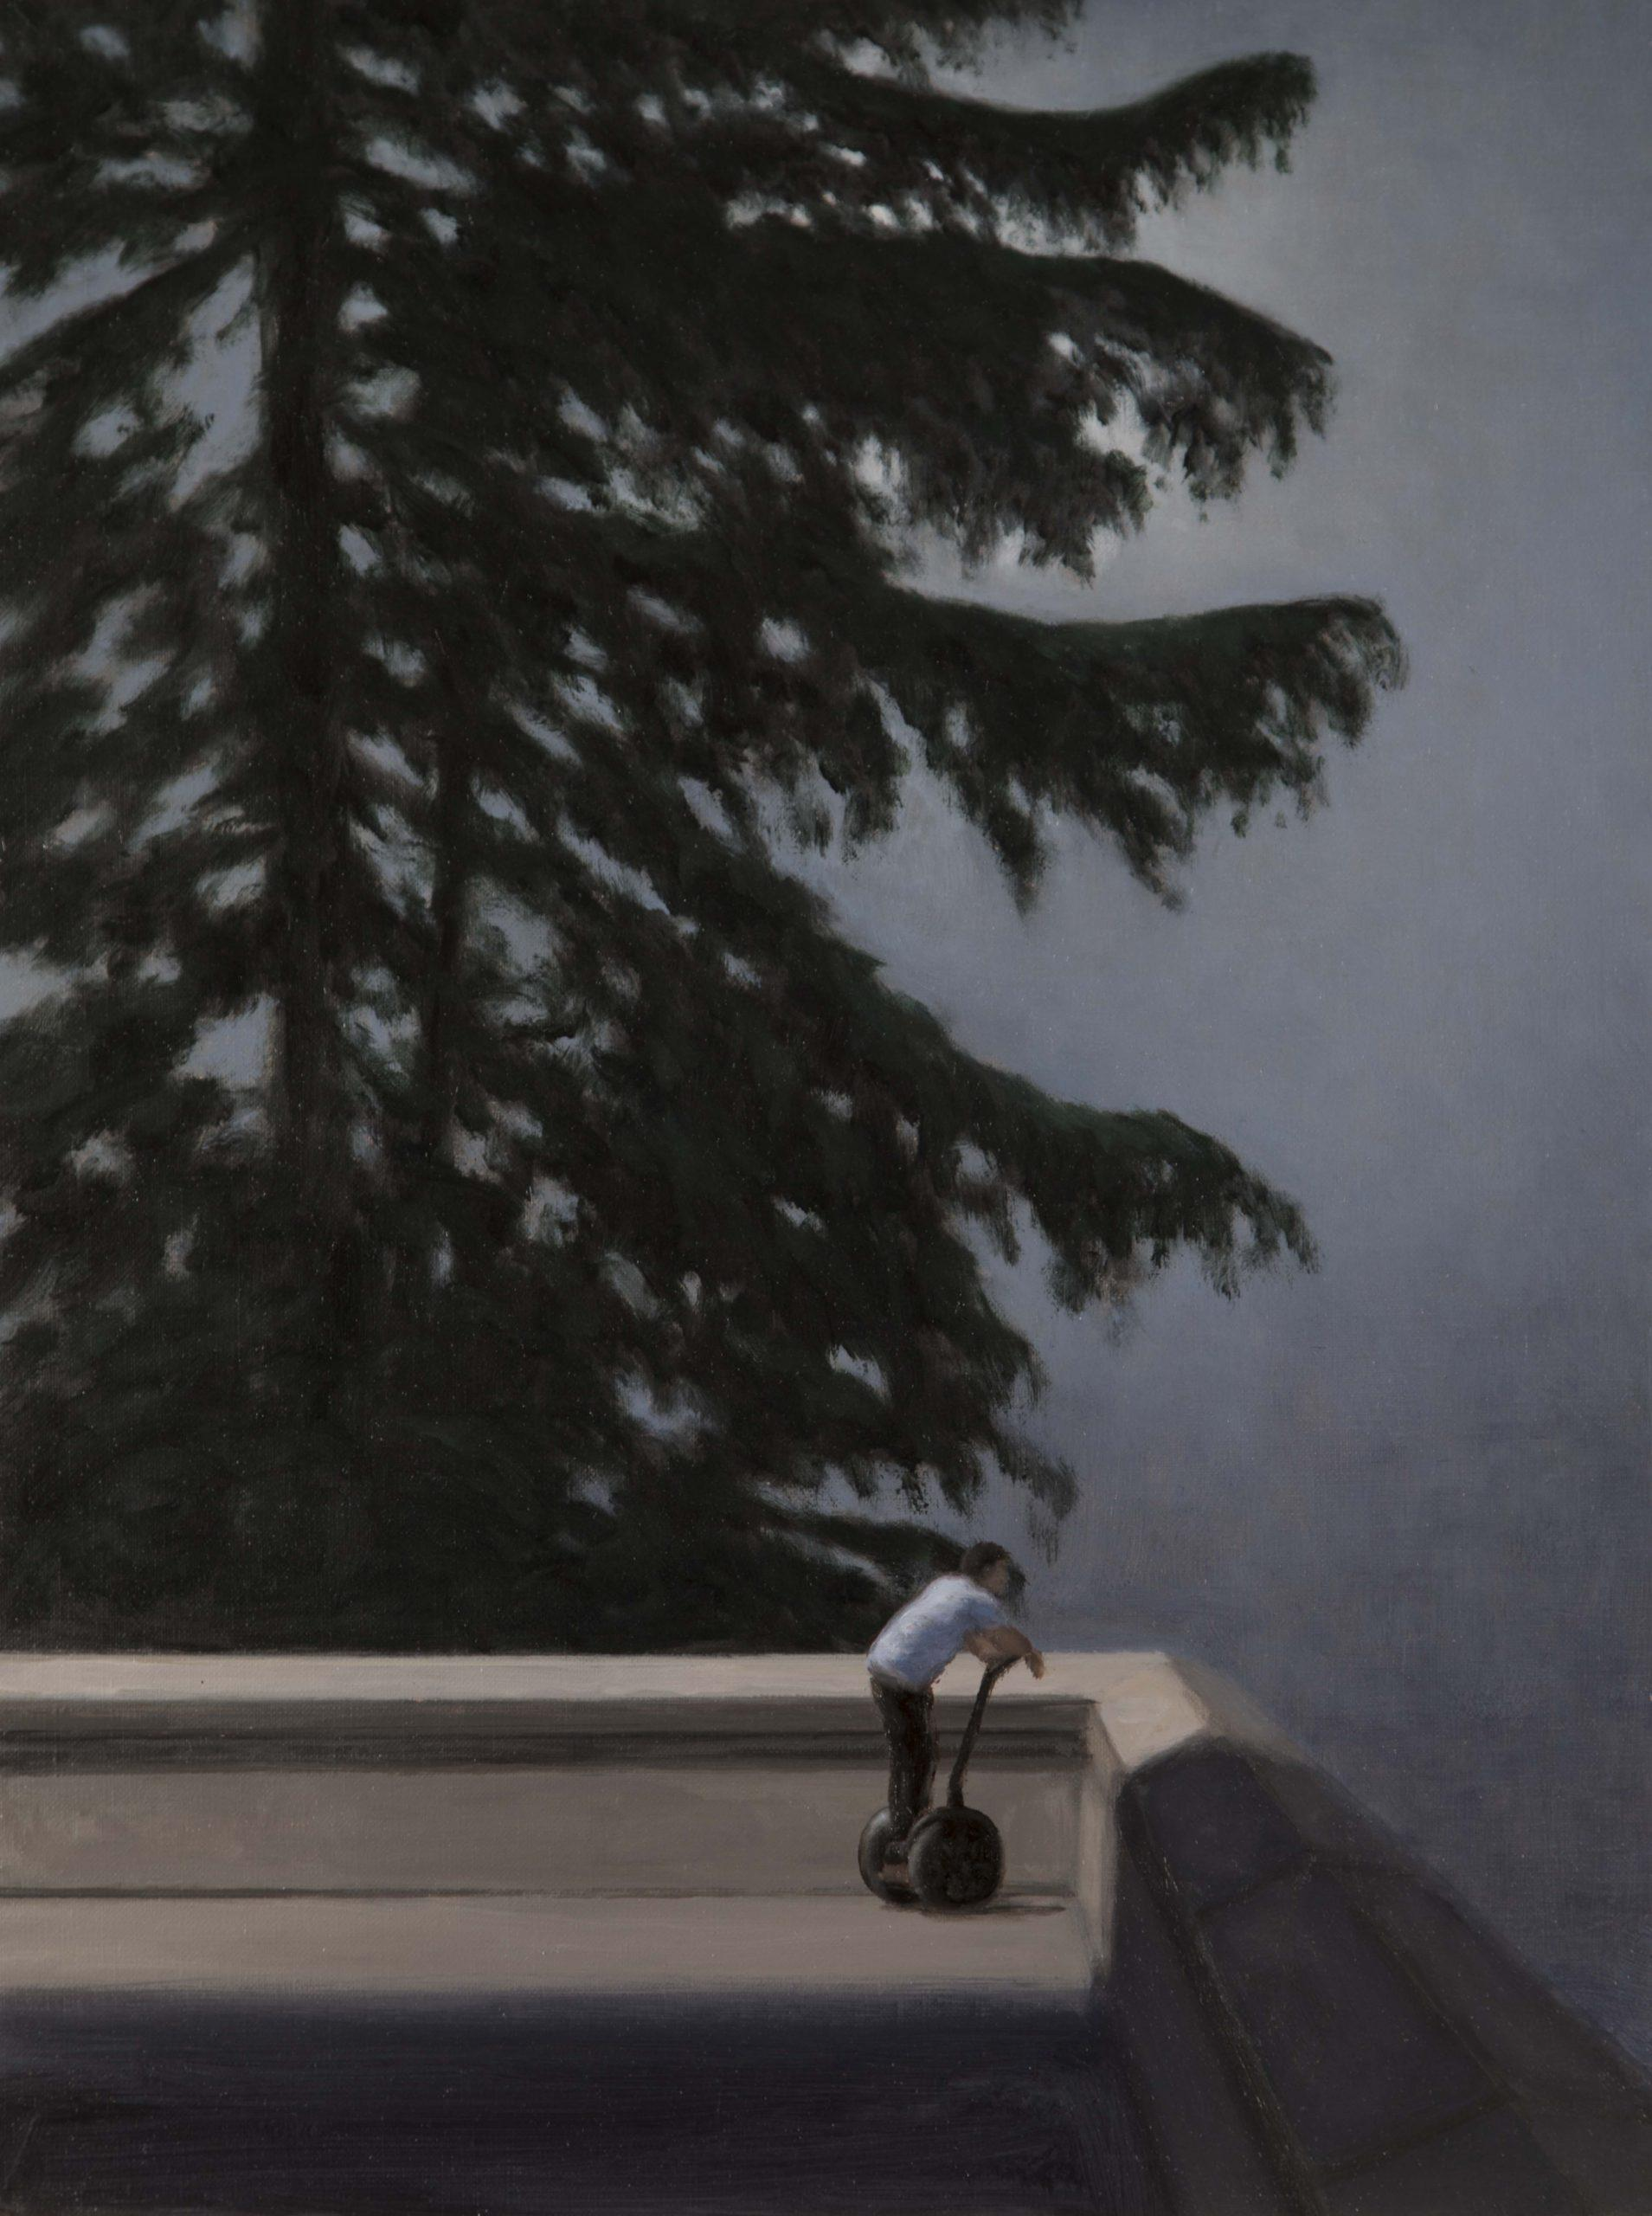 GONZALO SICRE. Crepuscular Óleo sobre lienzo 61 x 46 cm 2020